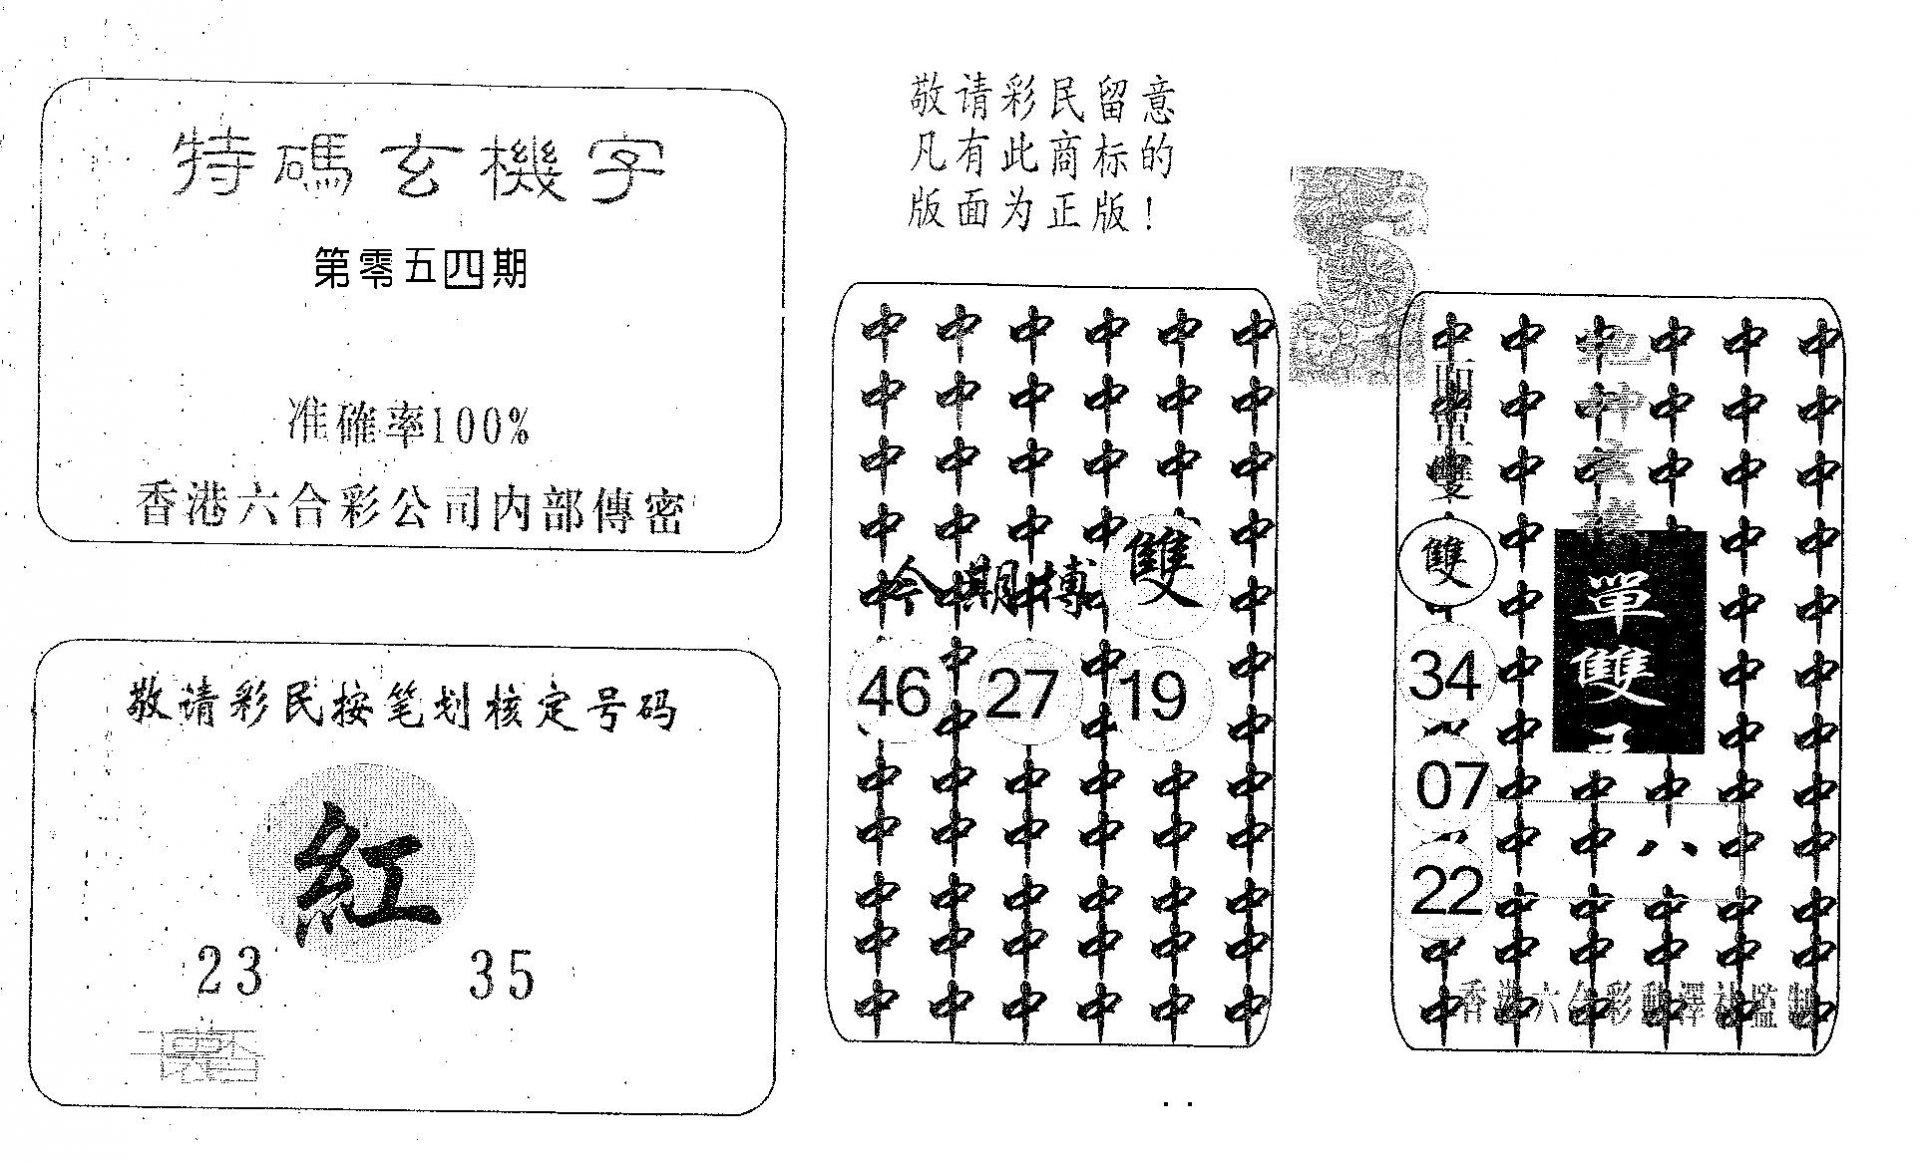 054期特码玄机字(黑白)